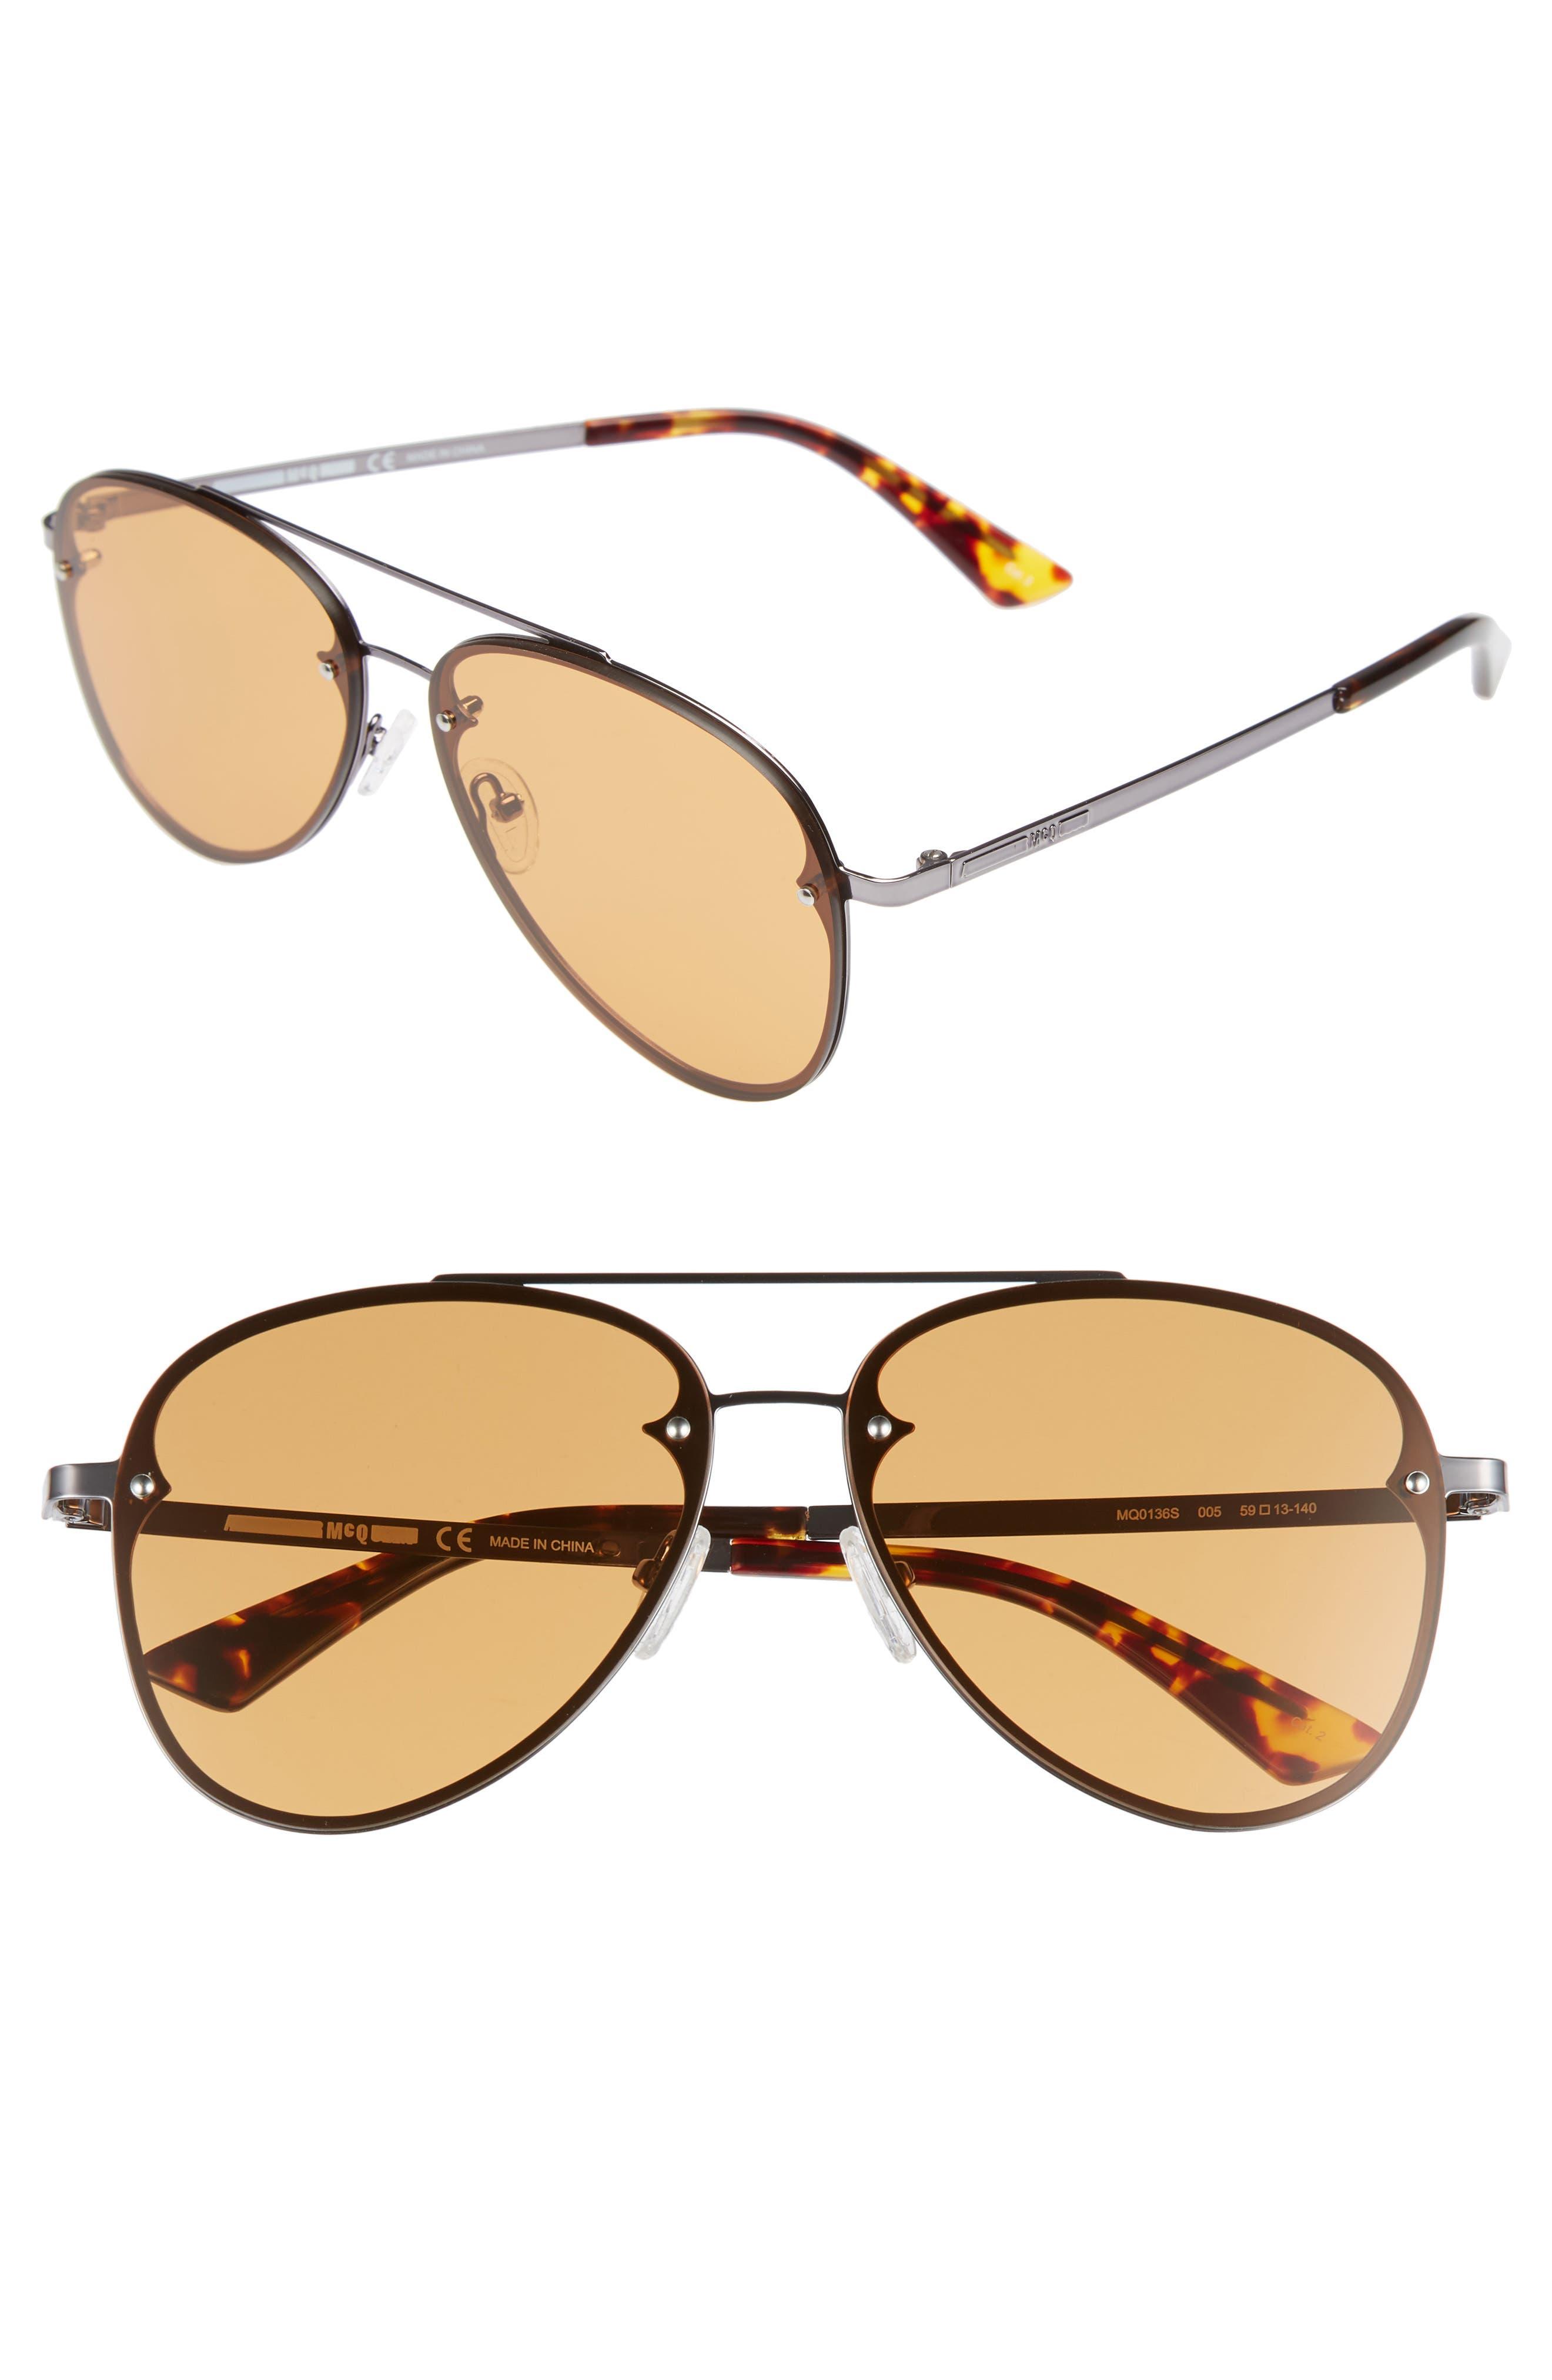 59mm Aviator Sunglasses,                             Main thumbnail 1, color,                             RUTHENIUM